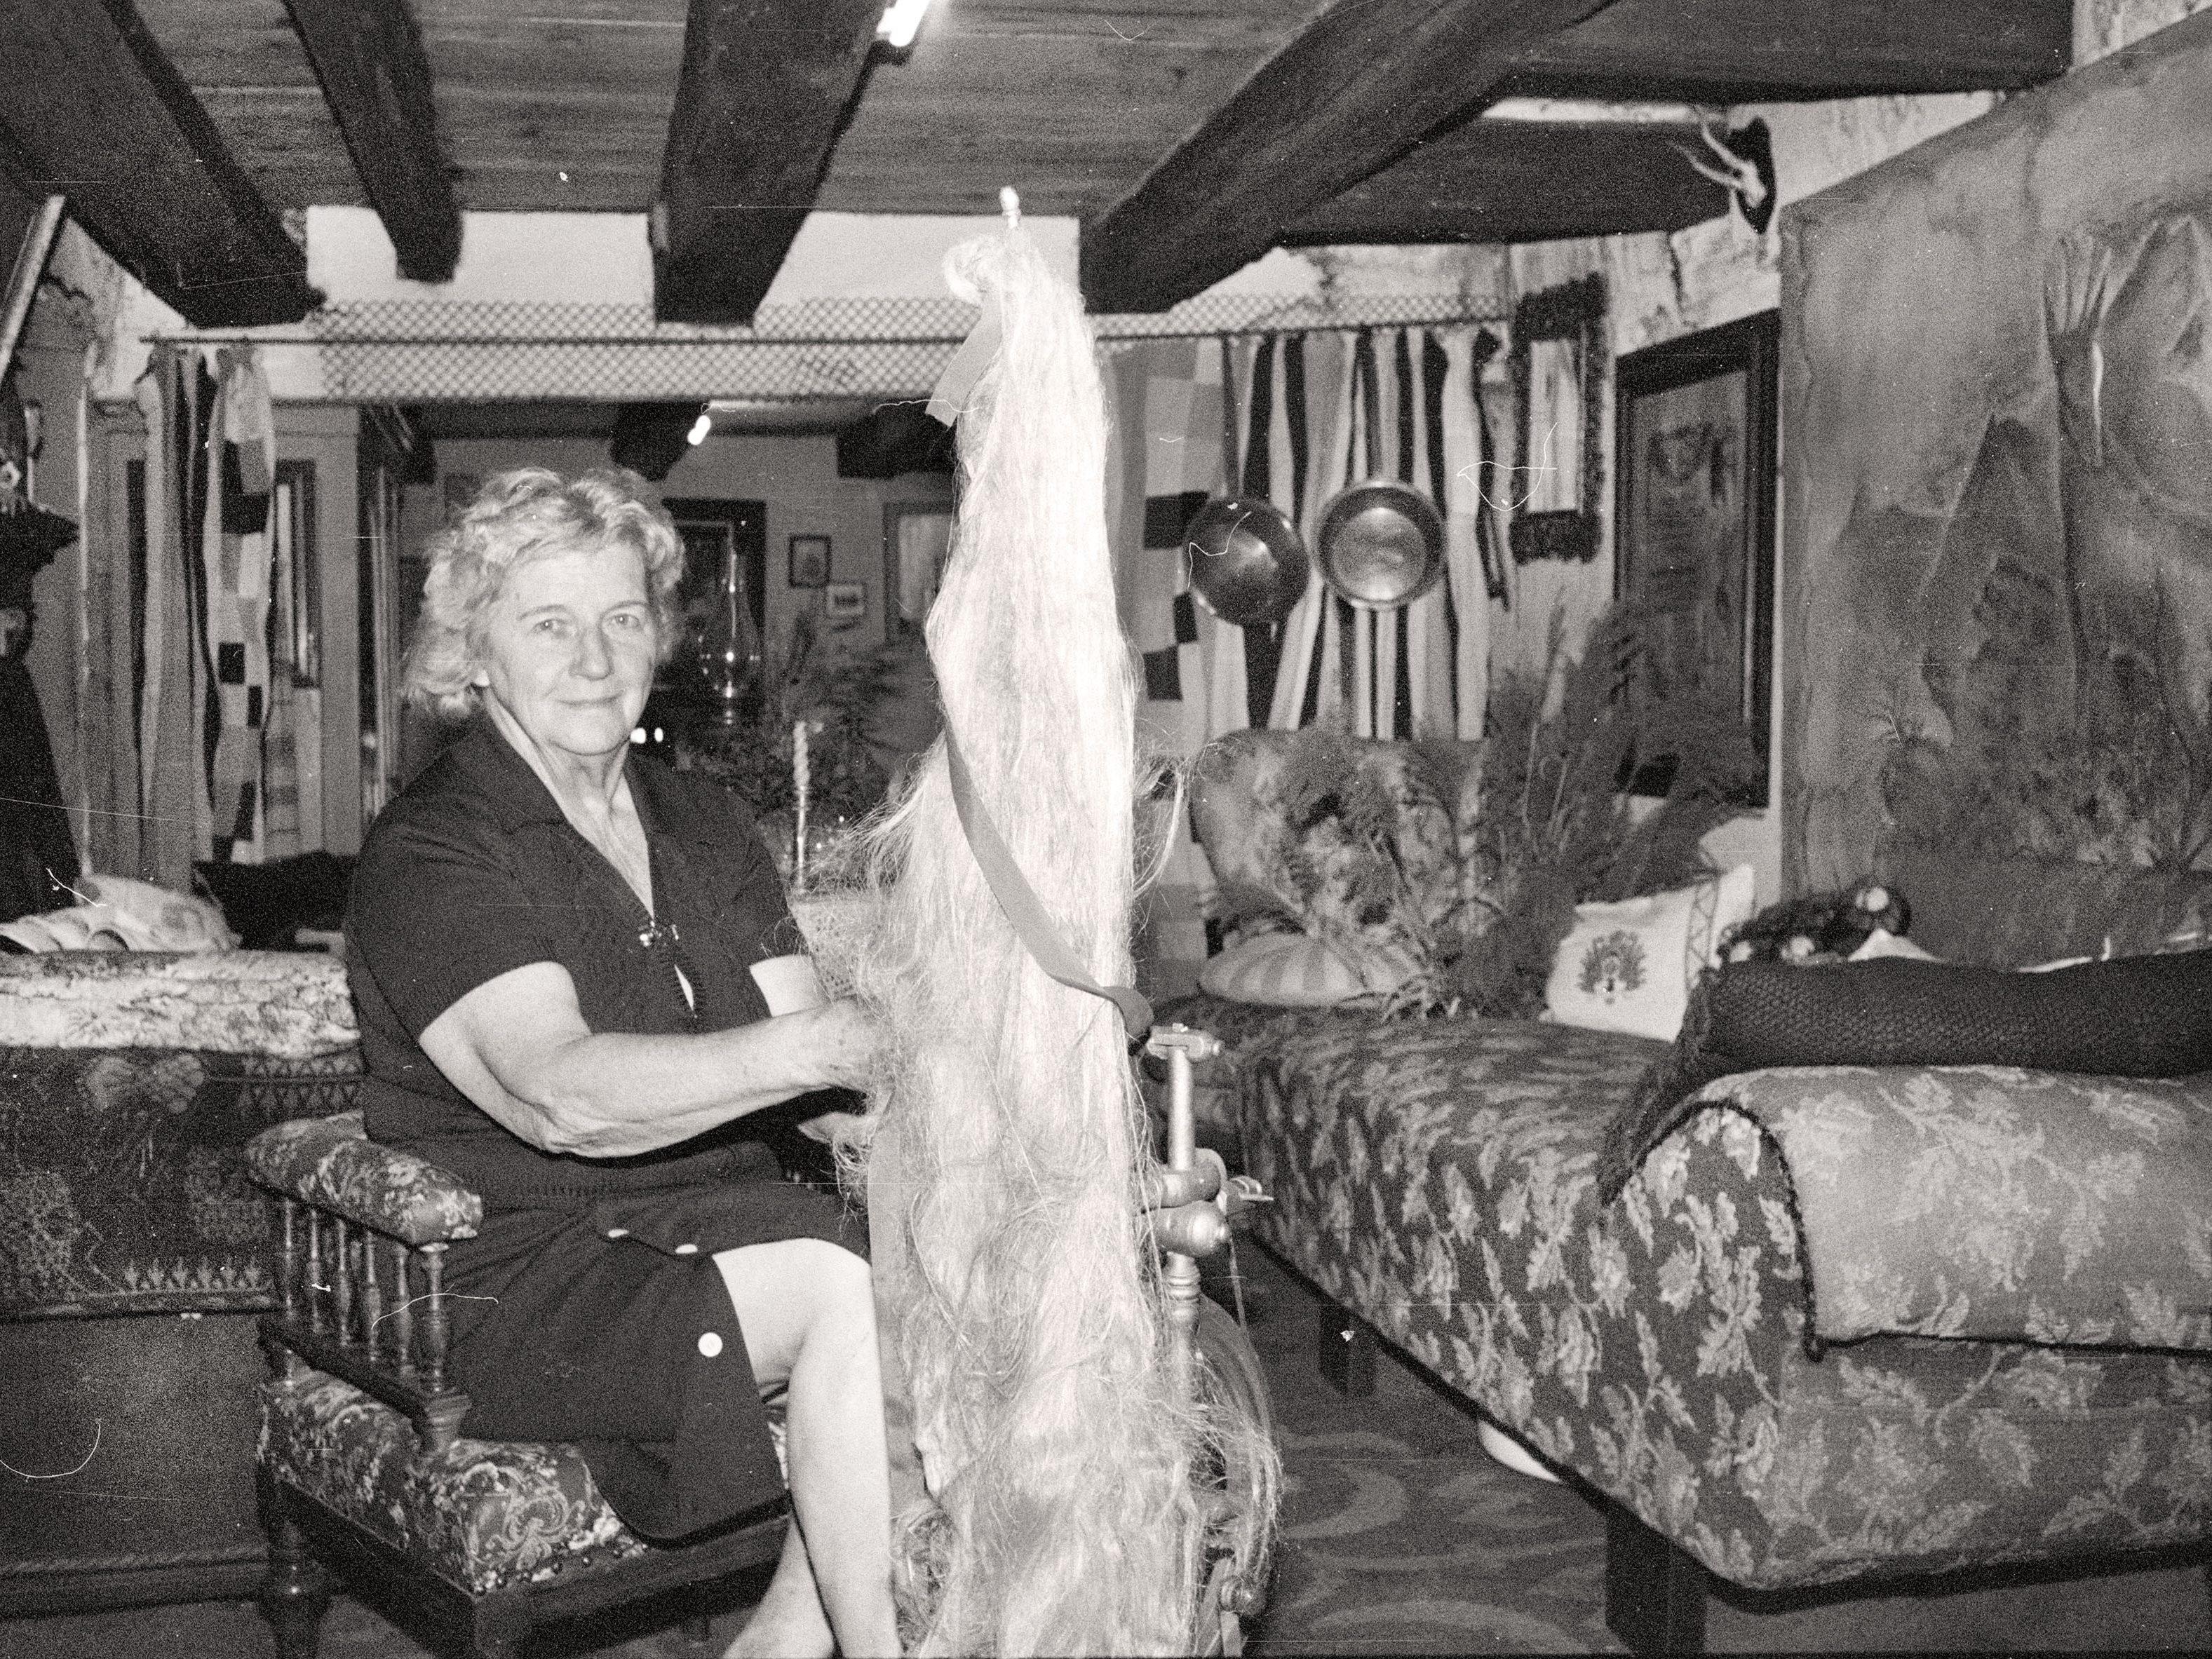 Berta Zwickle am Spinnrad in ihrem Raritätenkabinett.